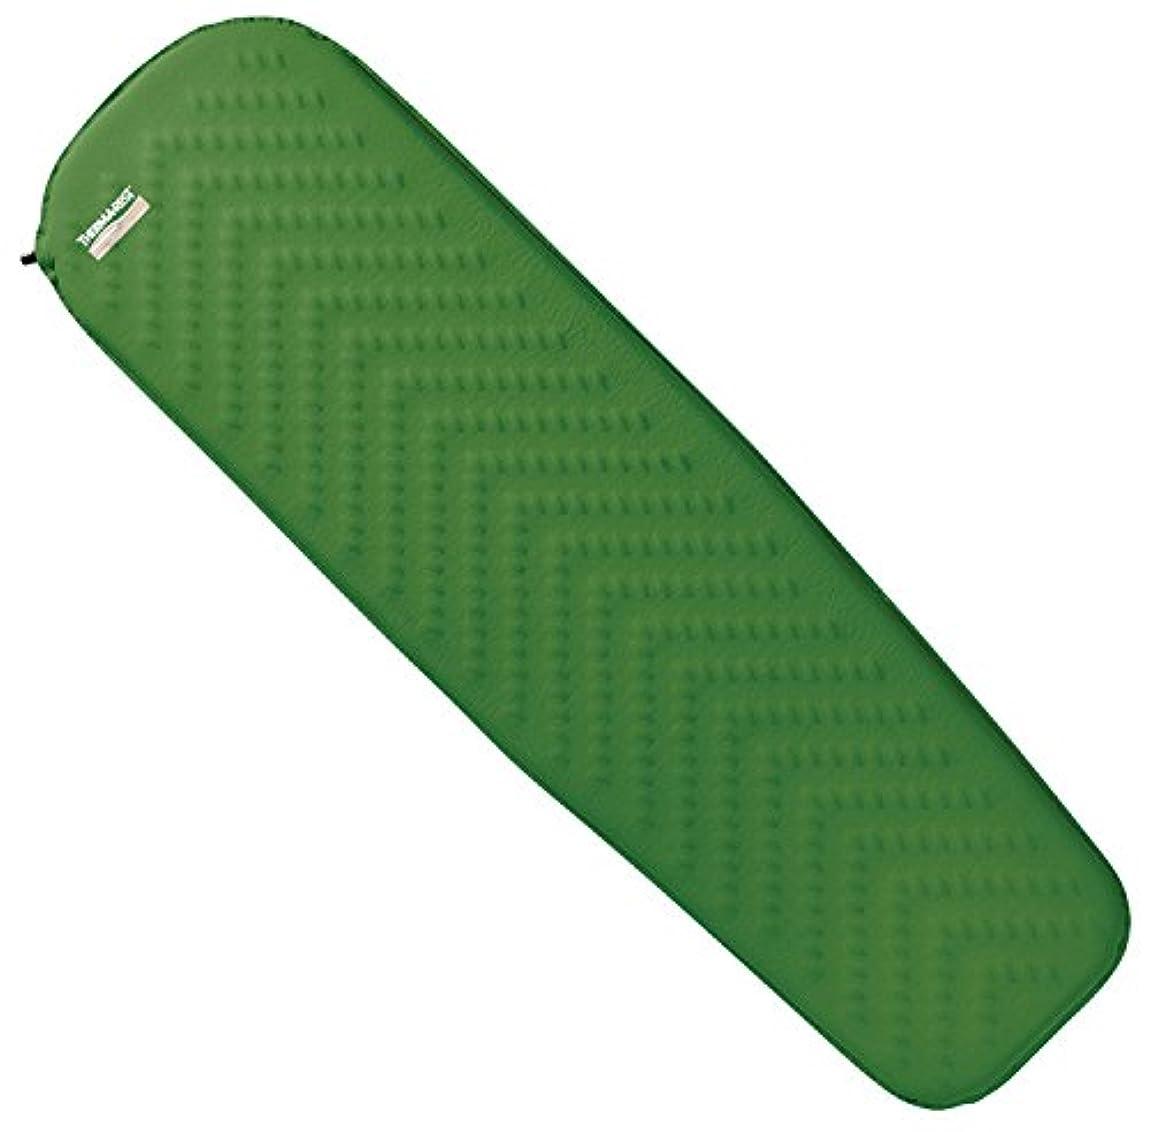 契約したしおれた道を作るTHERMAREST(サーマレスト) 寝袋 マット Trail Lite トレイルライト R (51×183×厚さ3.8cm) R値3.4 30425 【日本正規品】